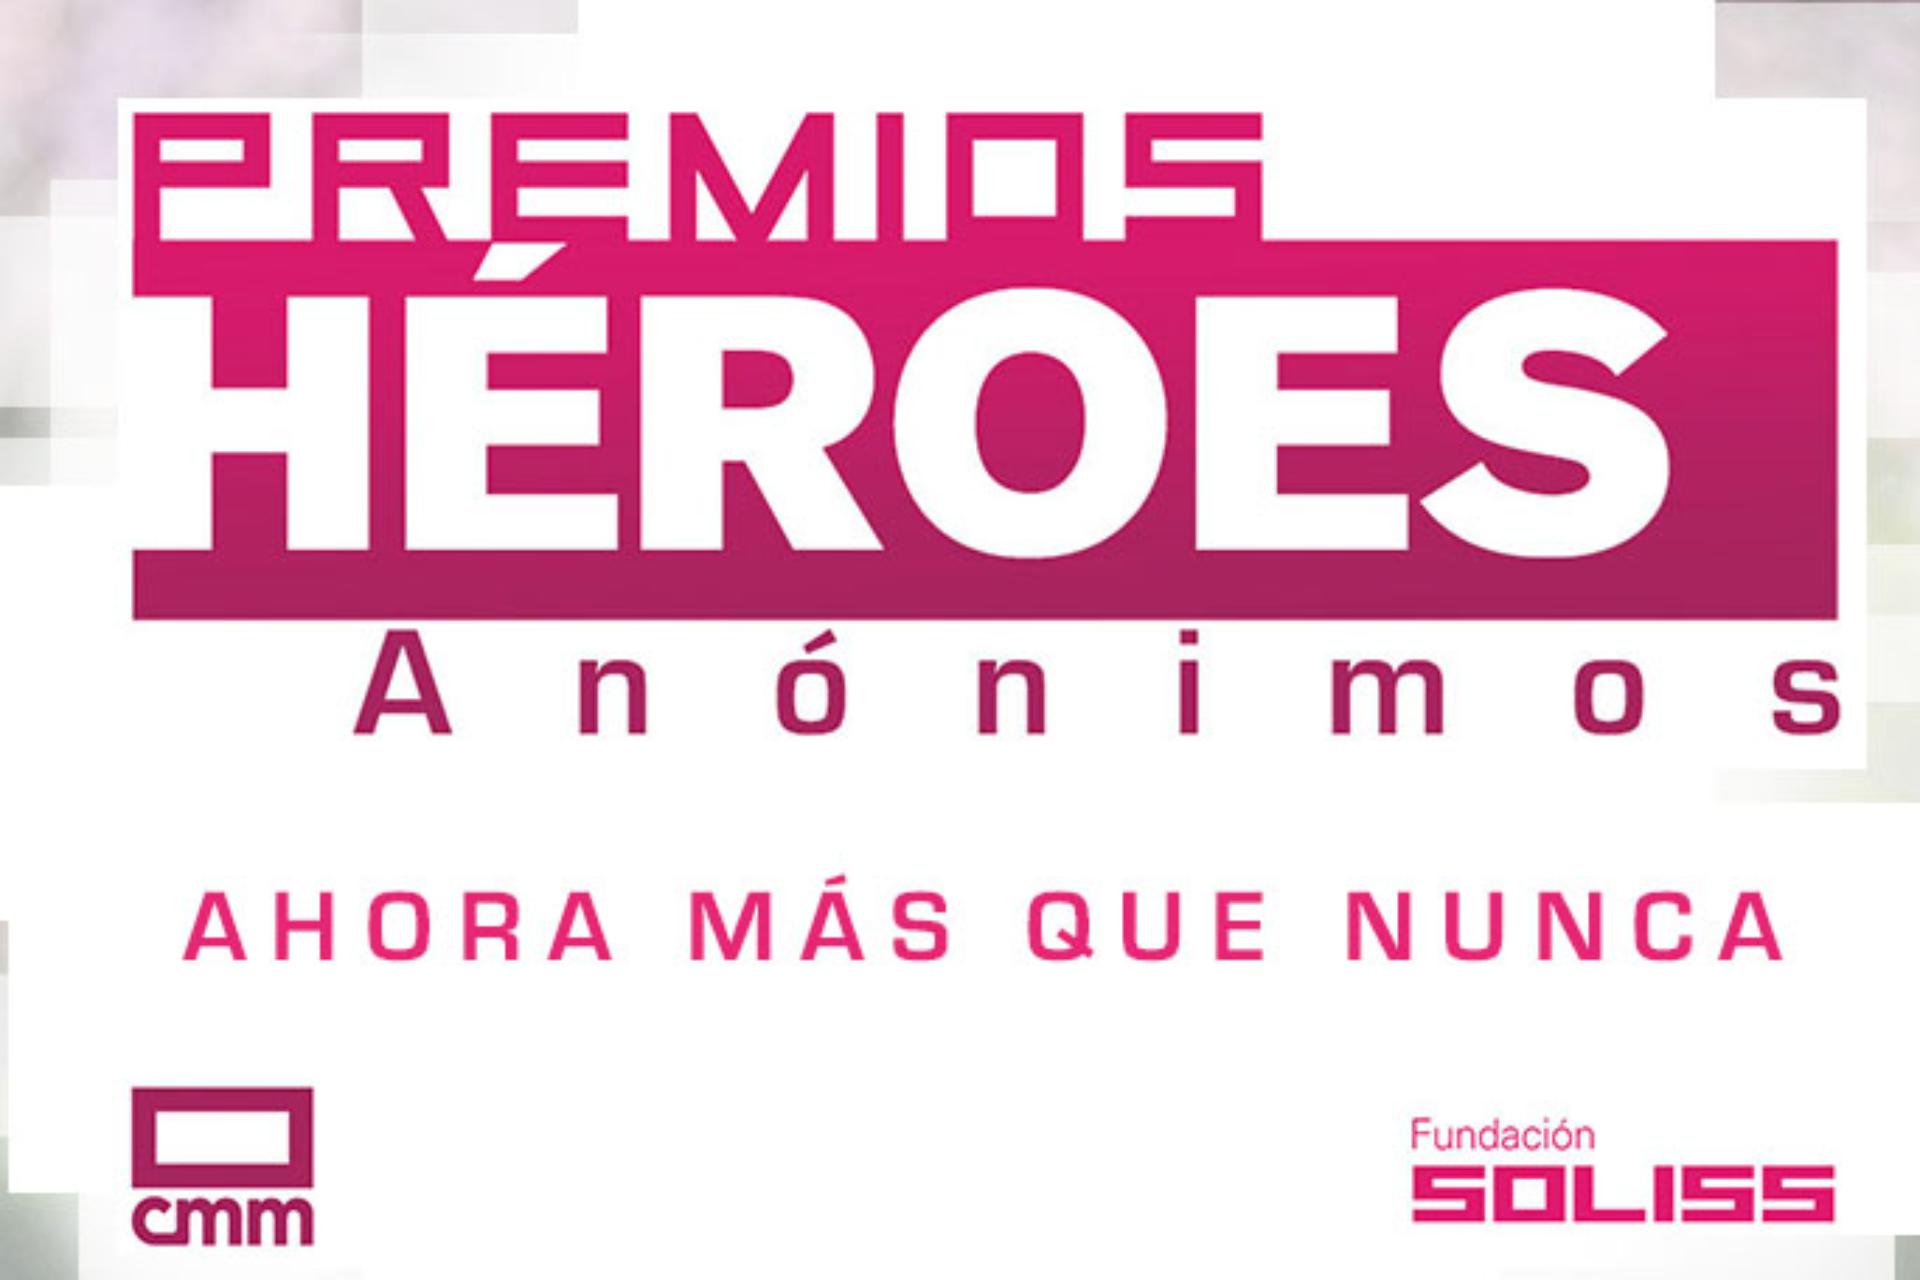 Premios Héroes Anónimos: una oportunidad de seguir ayudando